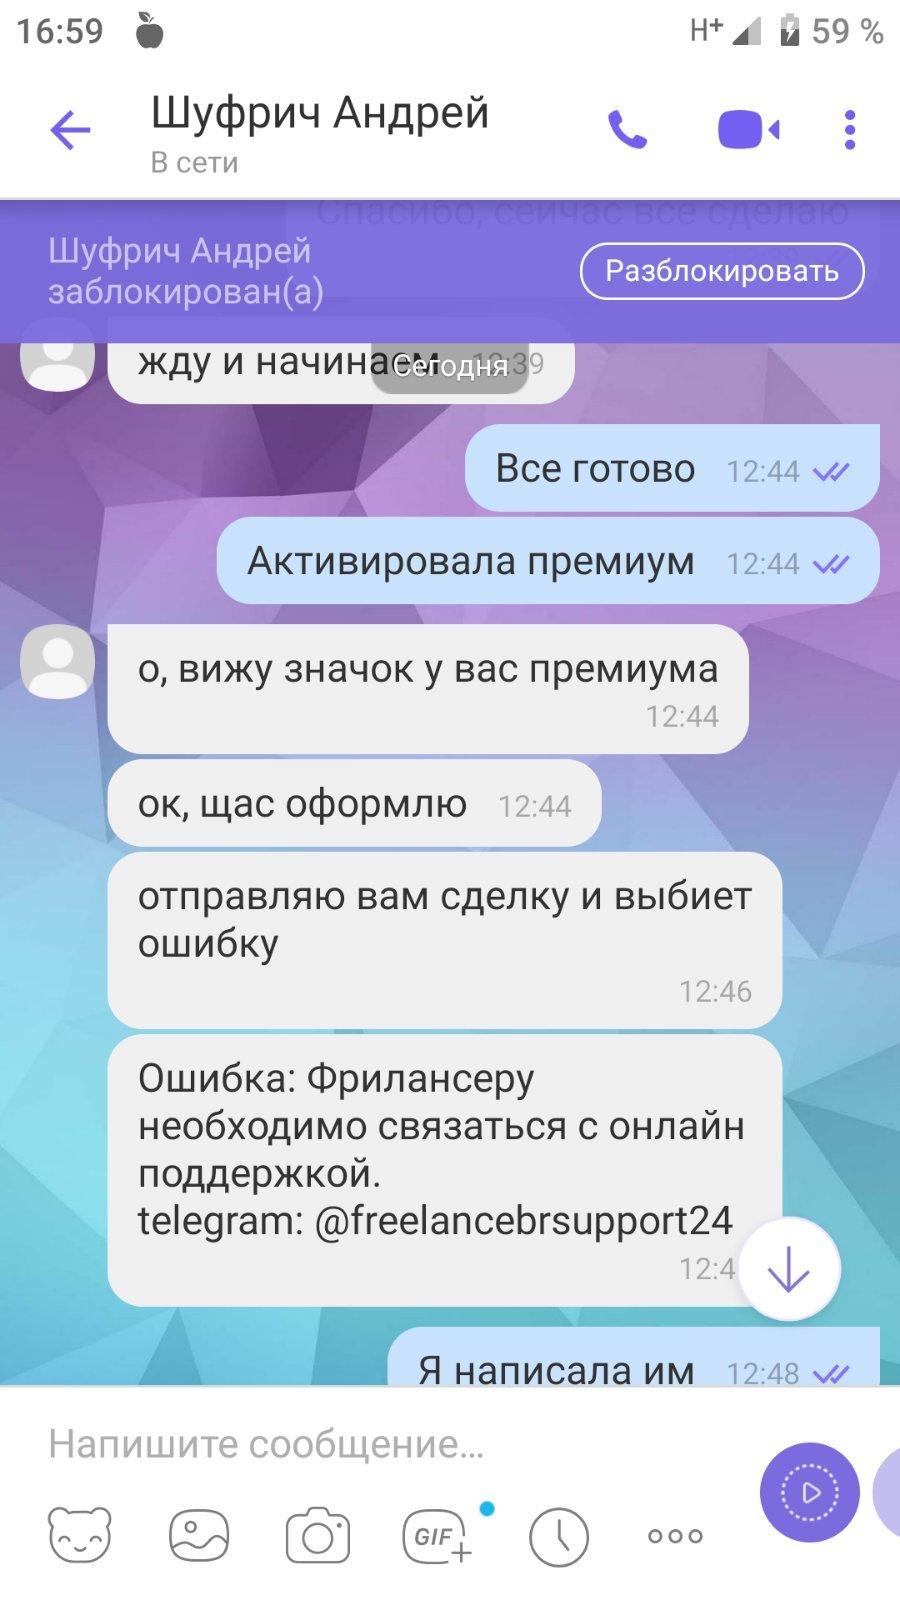 Фрилансер украине лабораторные работы удаленного доступа